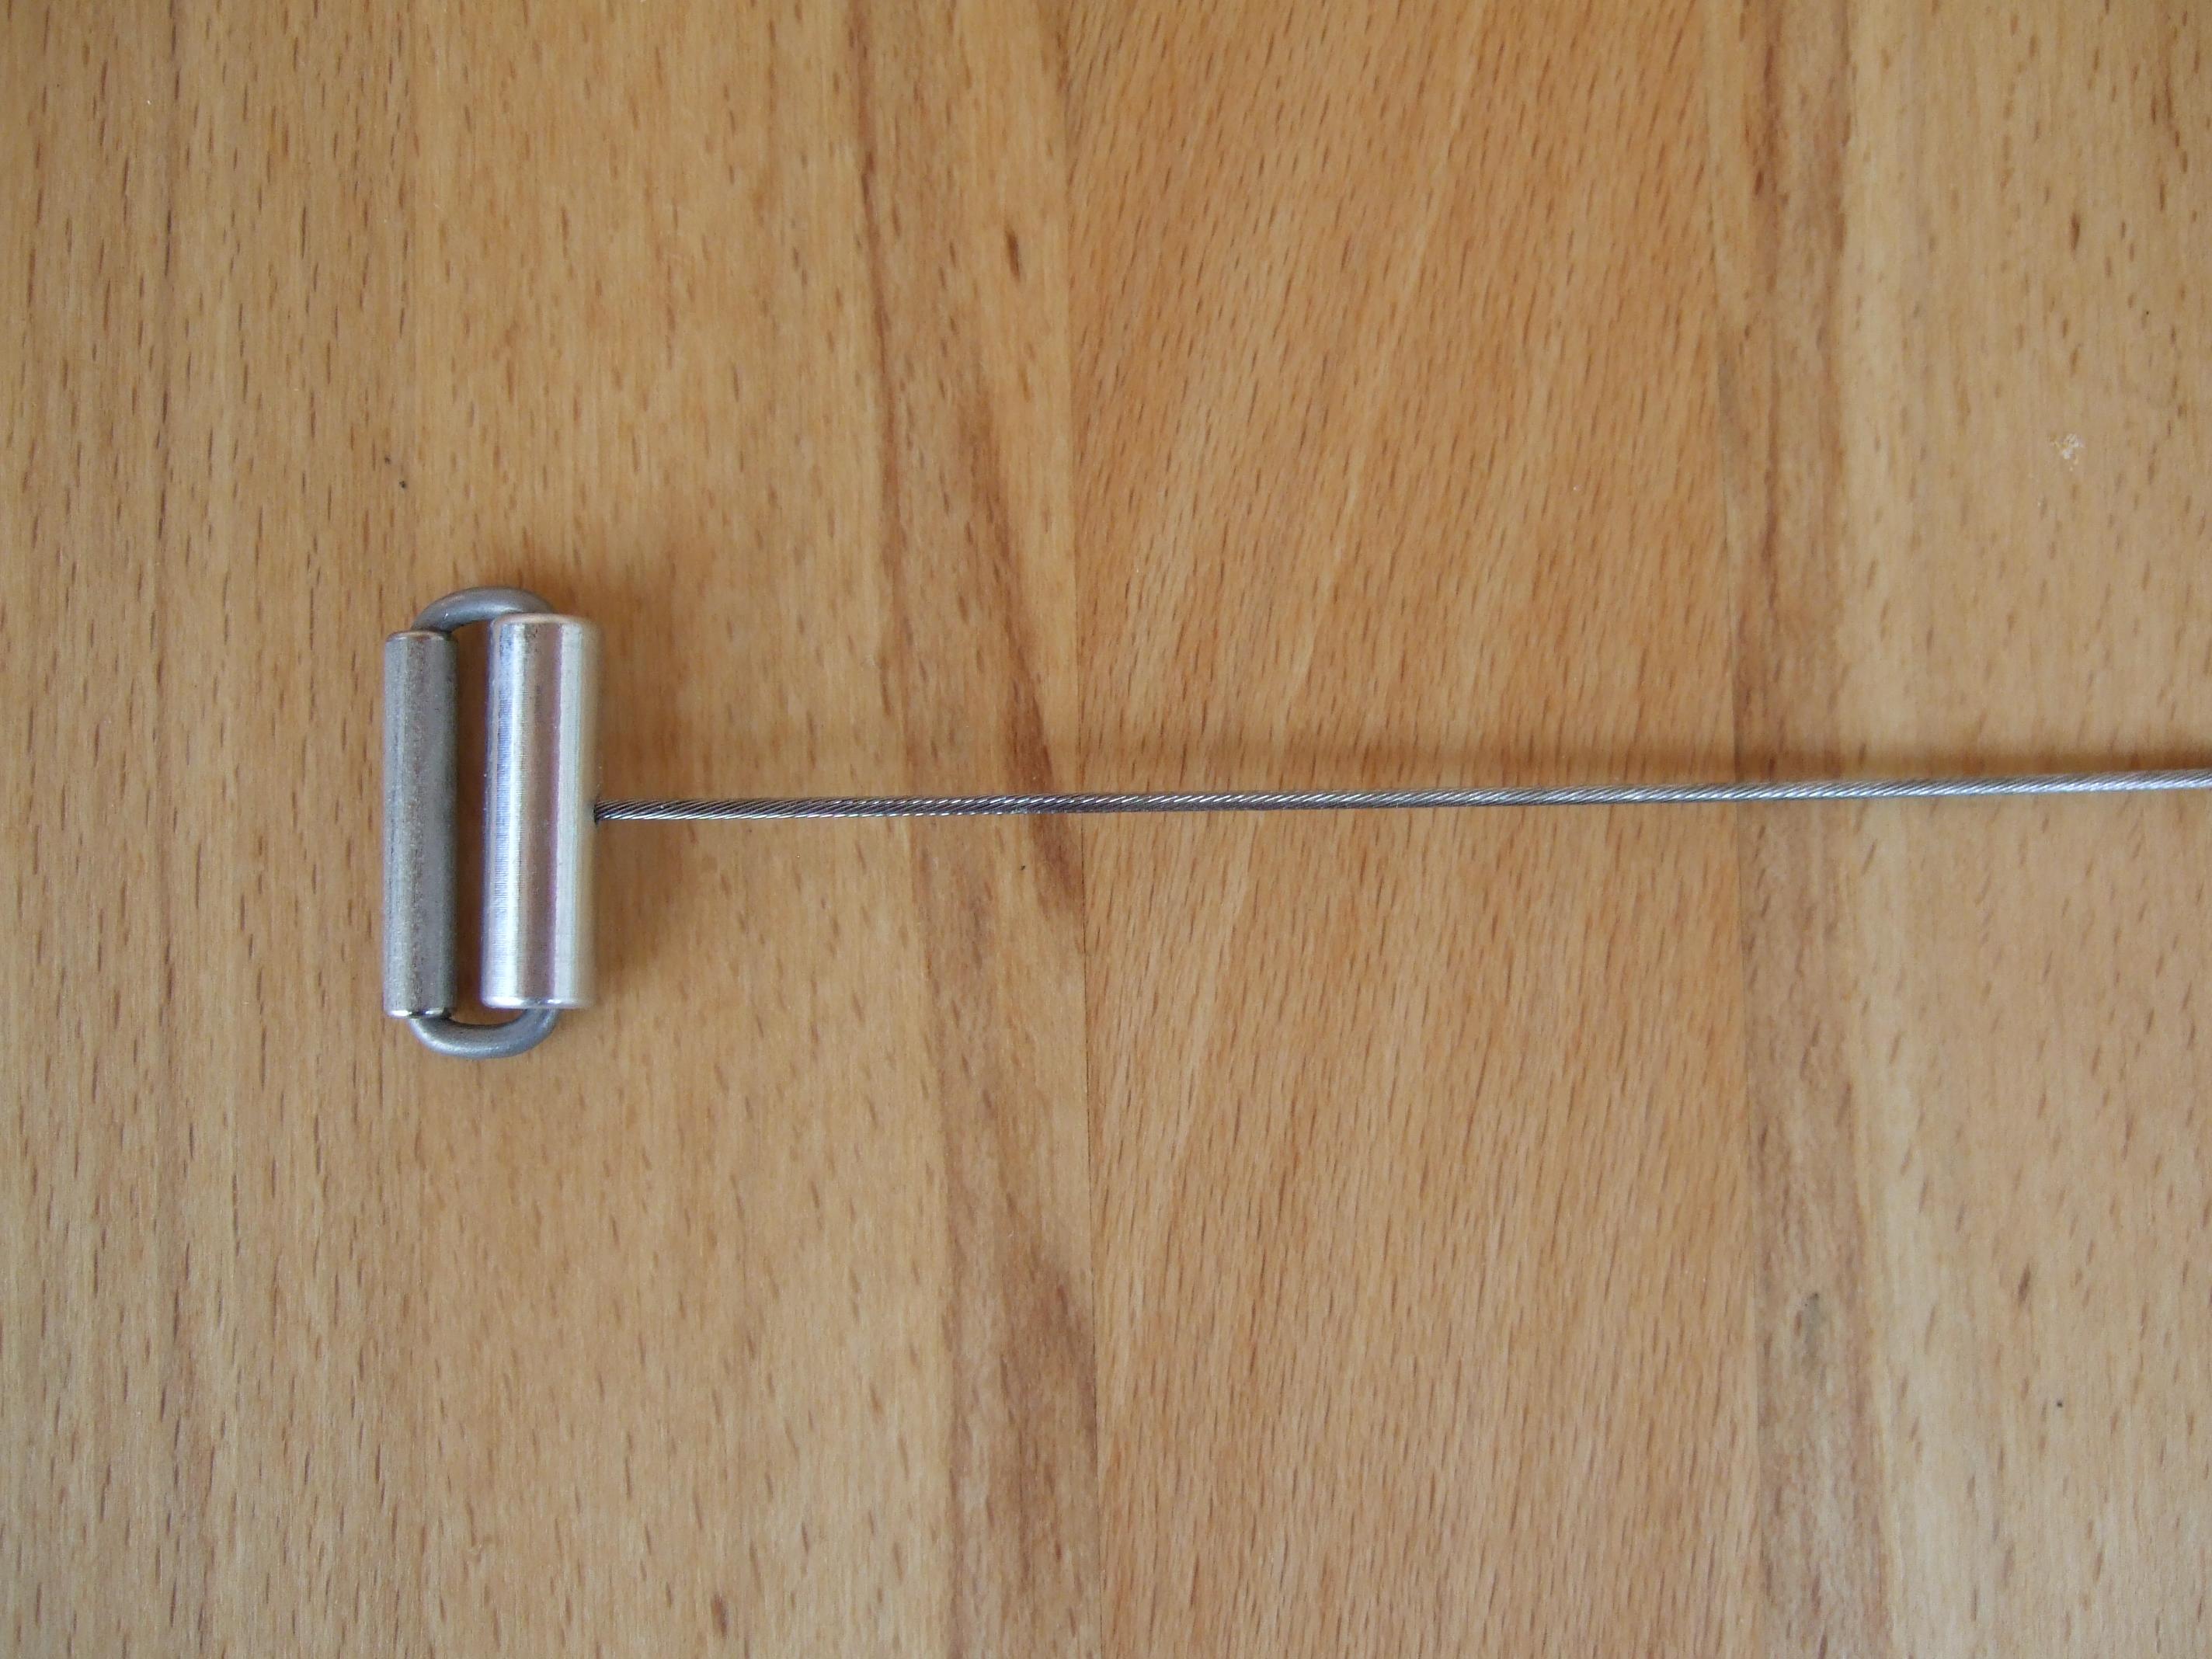 Kabel für Renegade und Viper, Gr. 2